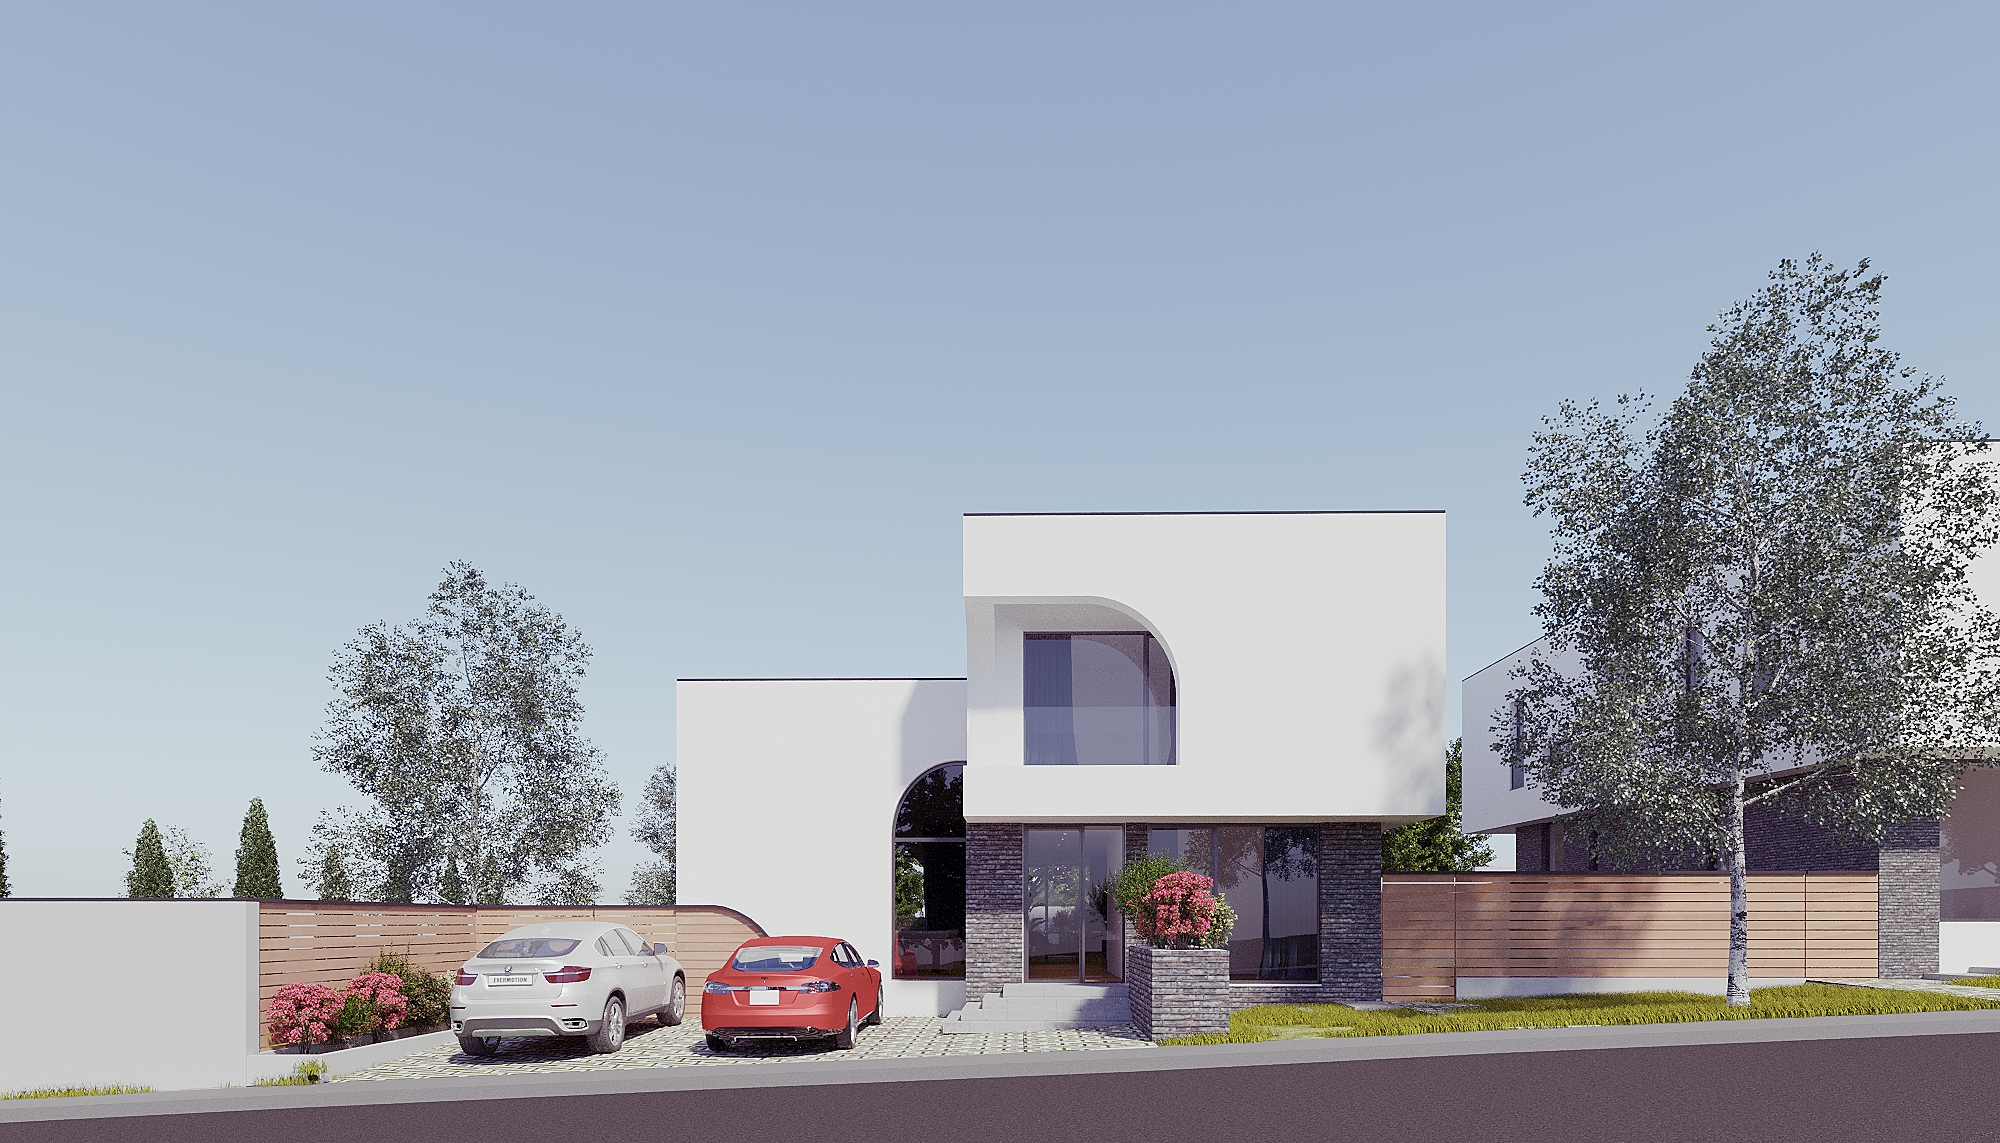 https://nbc-arhitect.ro/wp-content/uploads/2020/10/NBC-Arhitect-_-Laguna-_-Housing-_-exterior-view_1.jpg